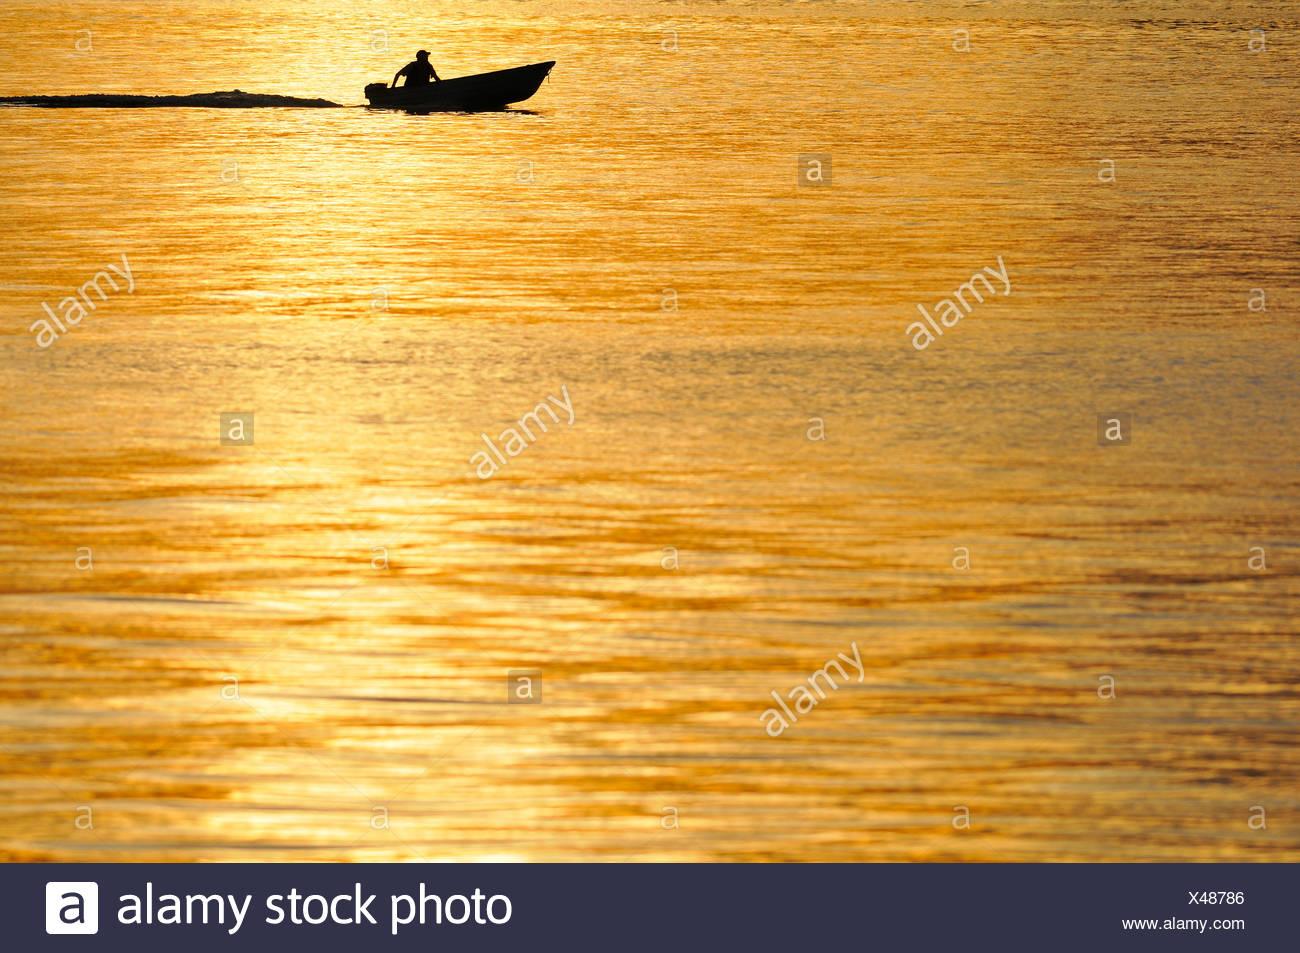 Un bateau en route Photo Stock